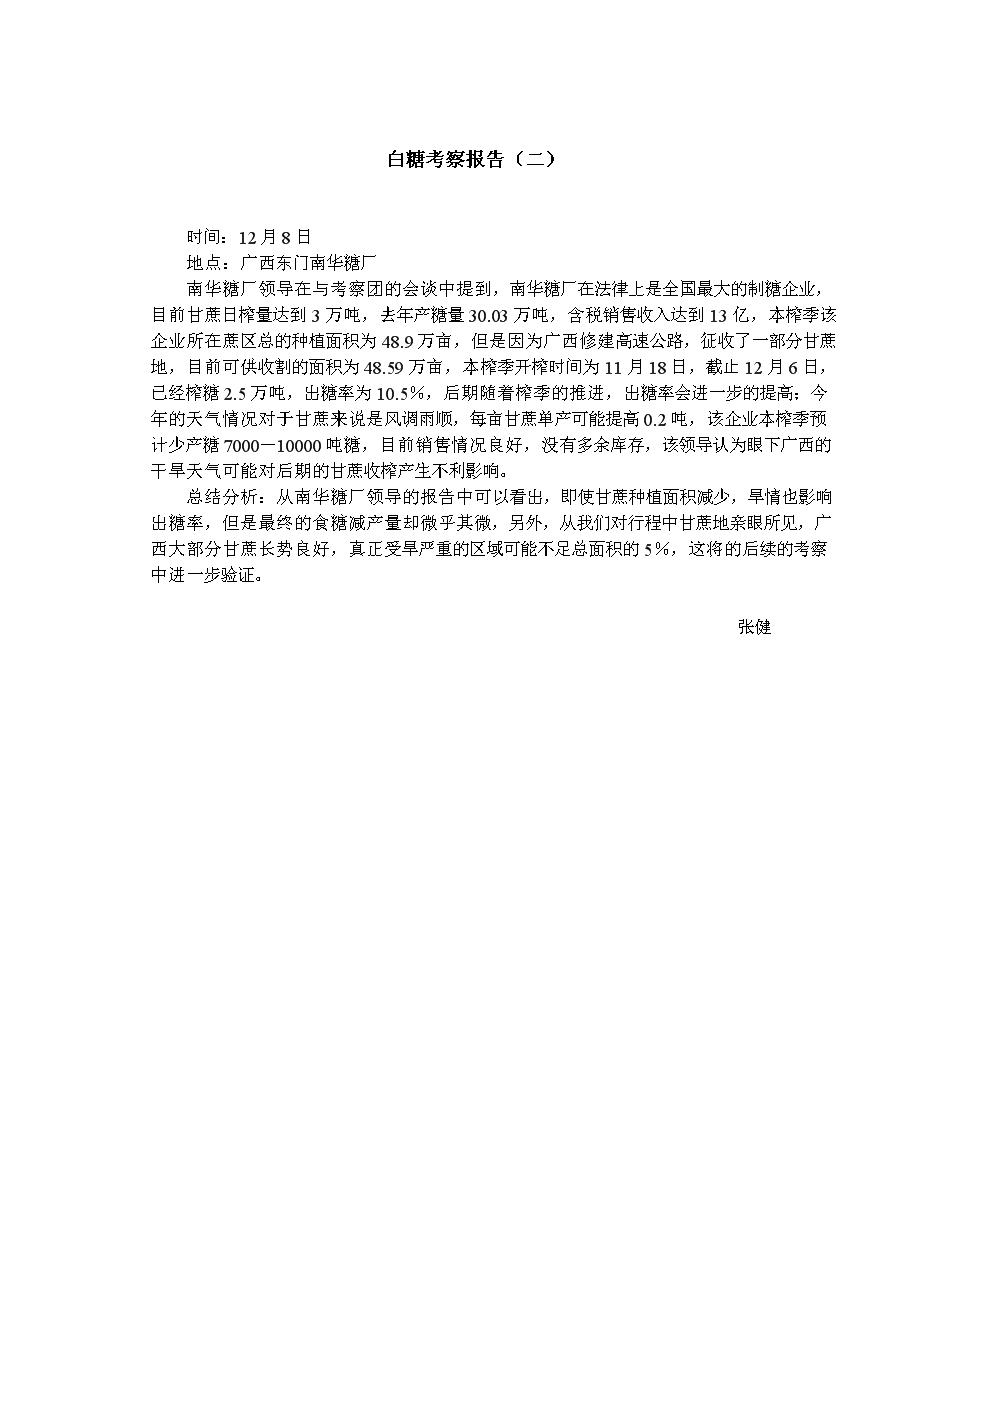 白糖考察报告(二).doc